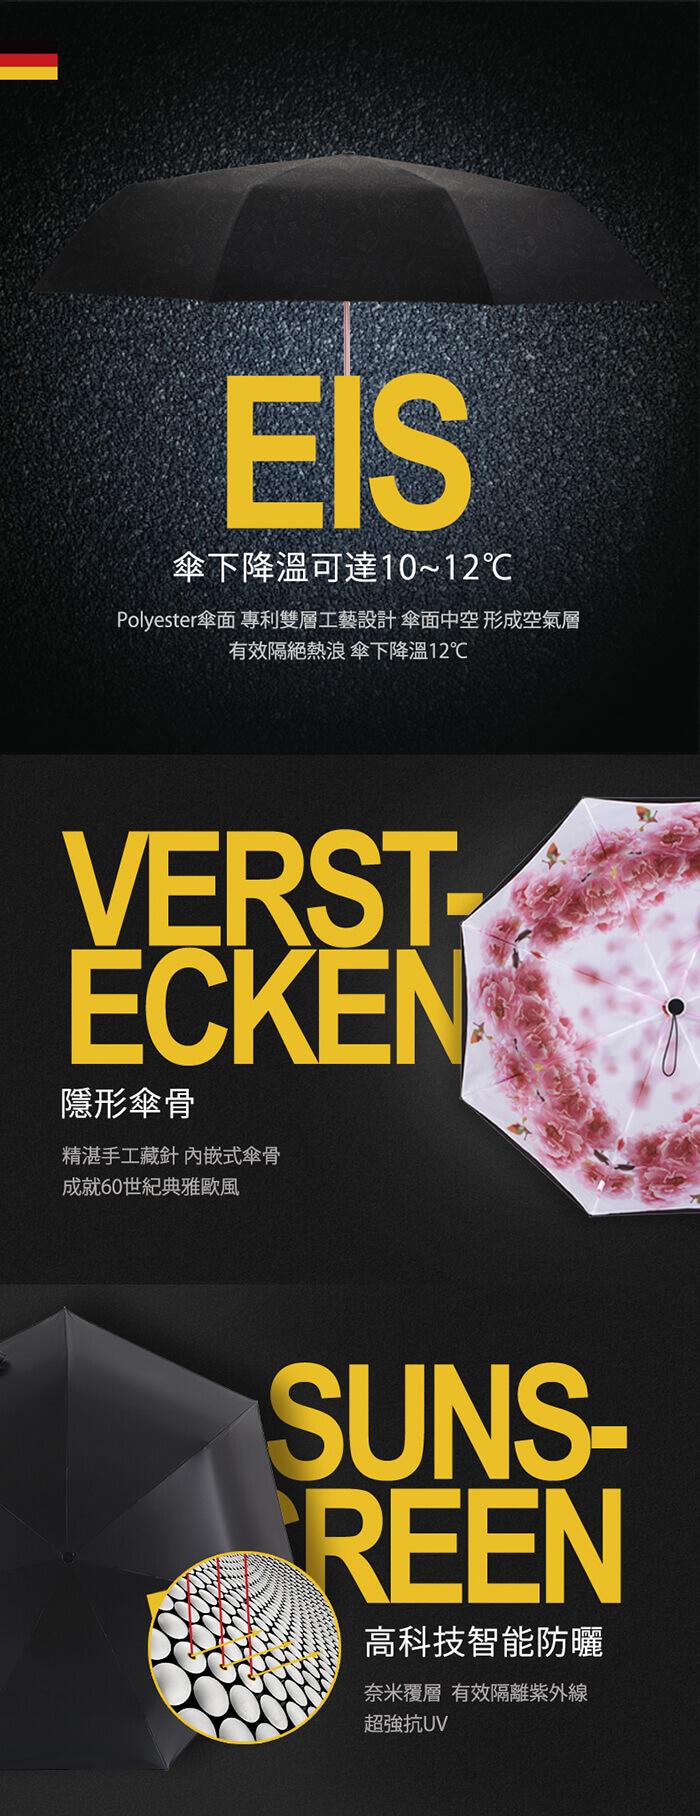 (複製)德國kobold|抗UV降溫10-12度-隱形傘骨-萬花鏡遮陽防曬降溫傘 -雙層三折傘-富貴